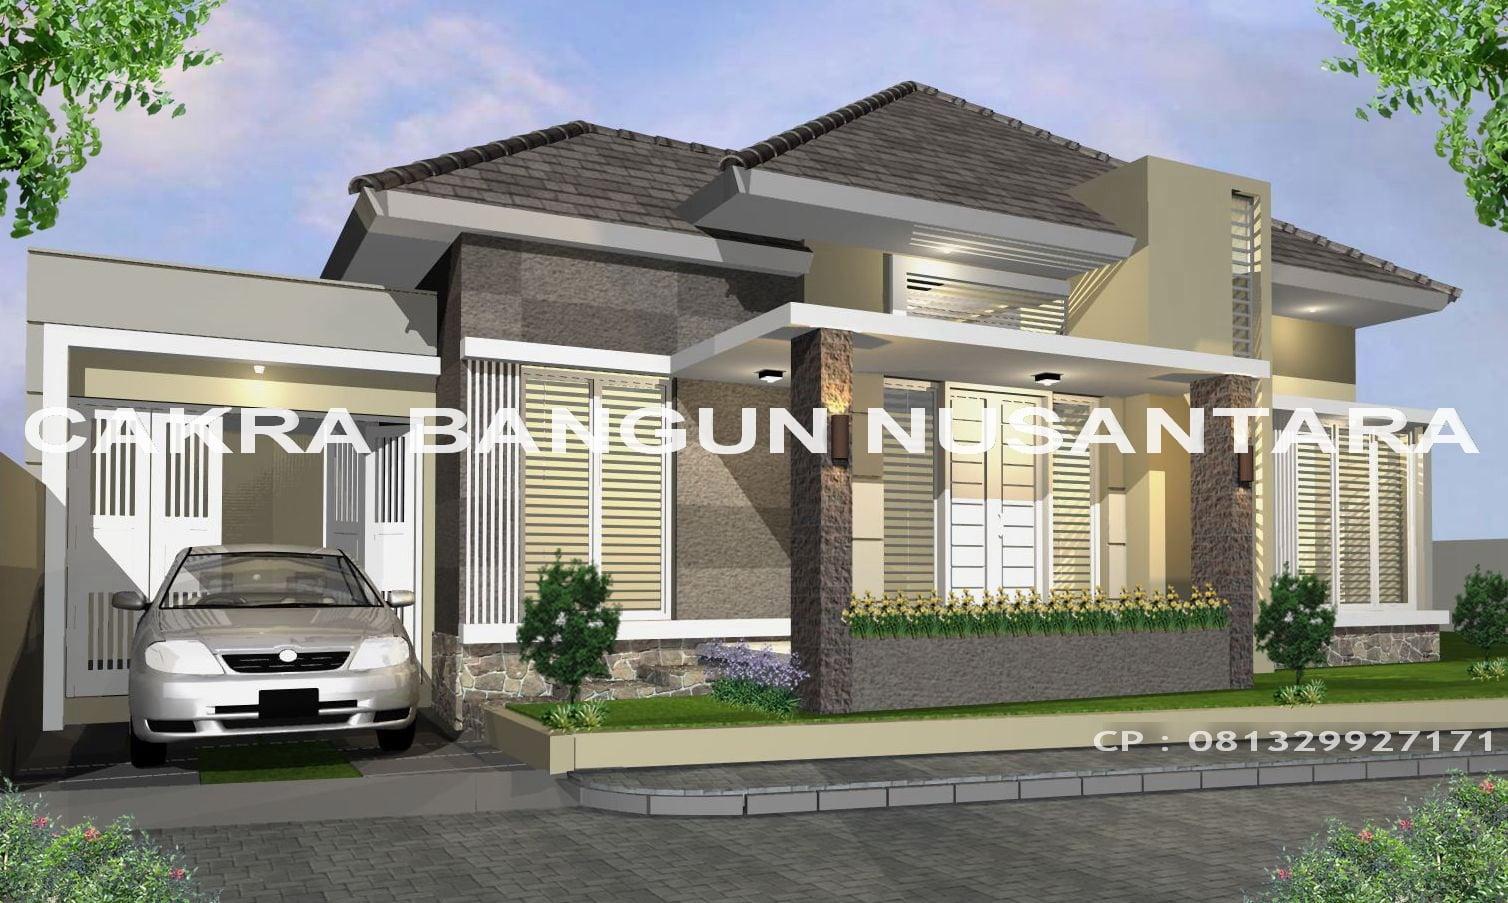 Menyenangkan Desain Rumah Modern Terbaru 73 Untuk Ide Merancang Interior Rumah dengan Desain Rumah Modern Terbaru